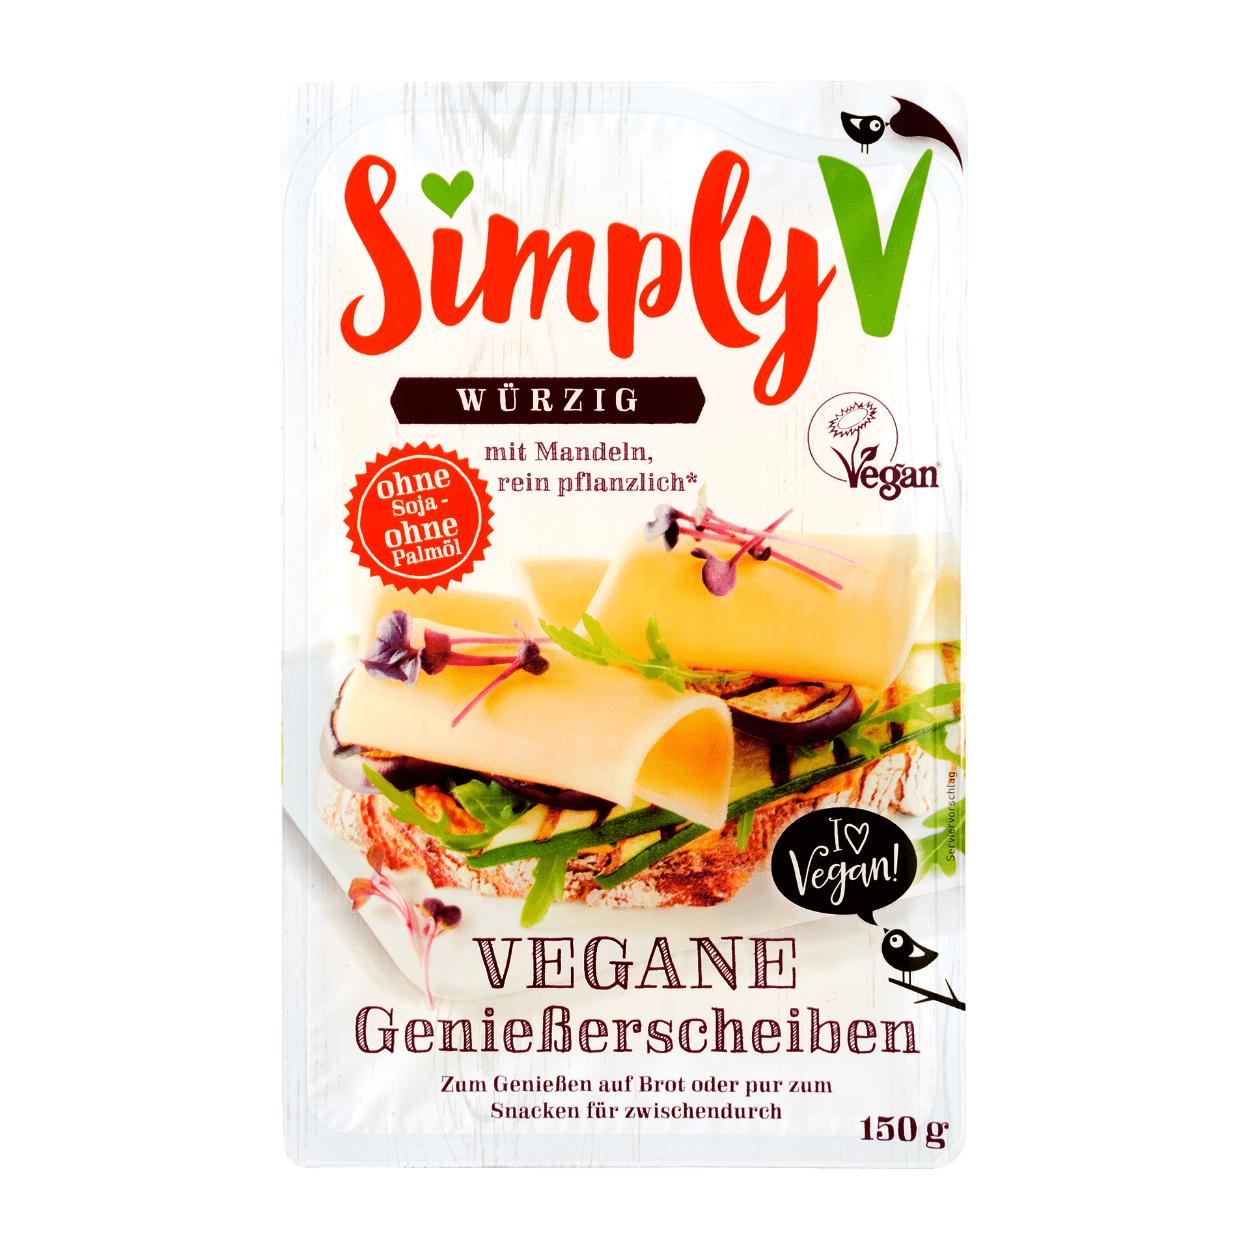 Simply V Vegane Genießerscheiben [Aldi Nord] [Rewe]